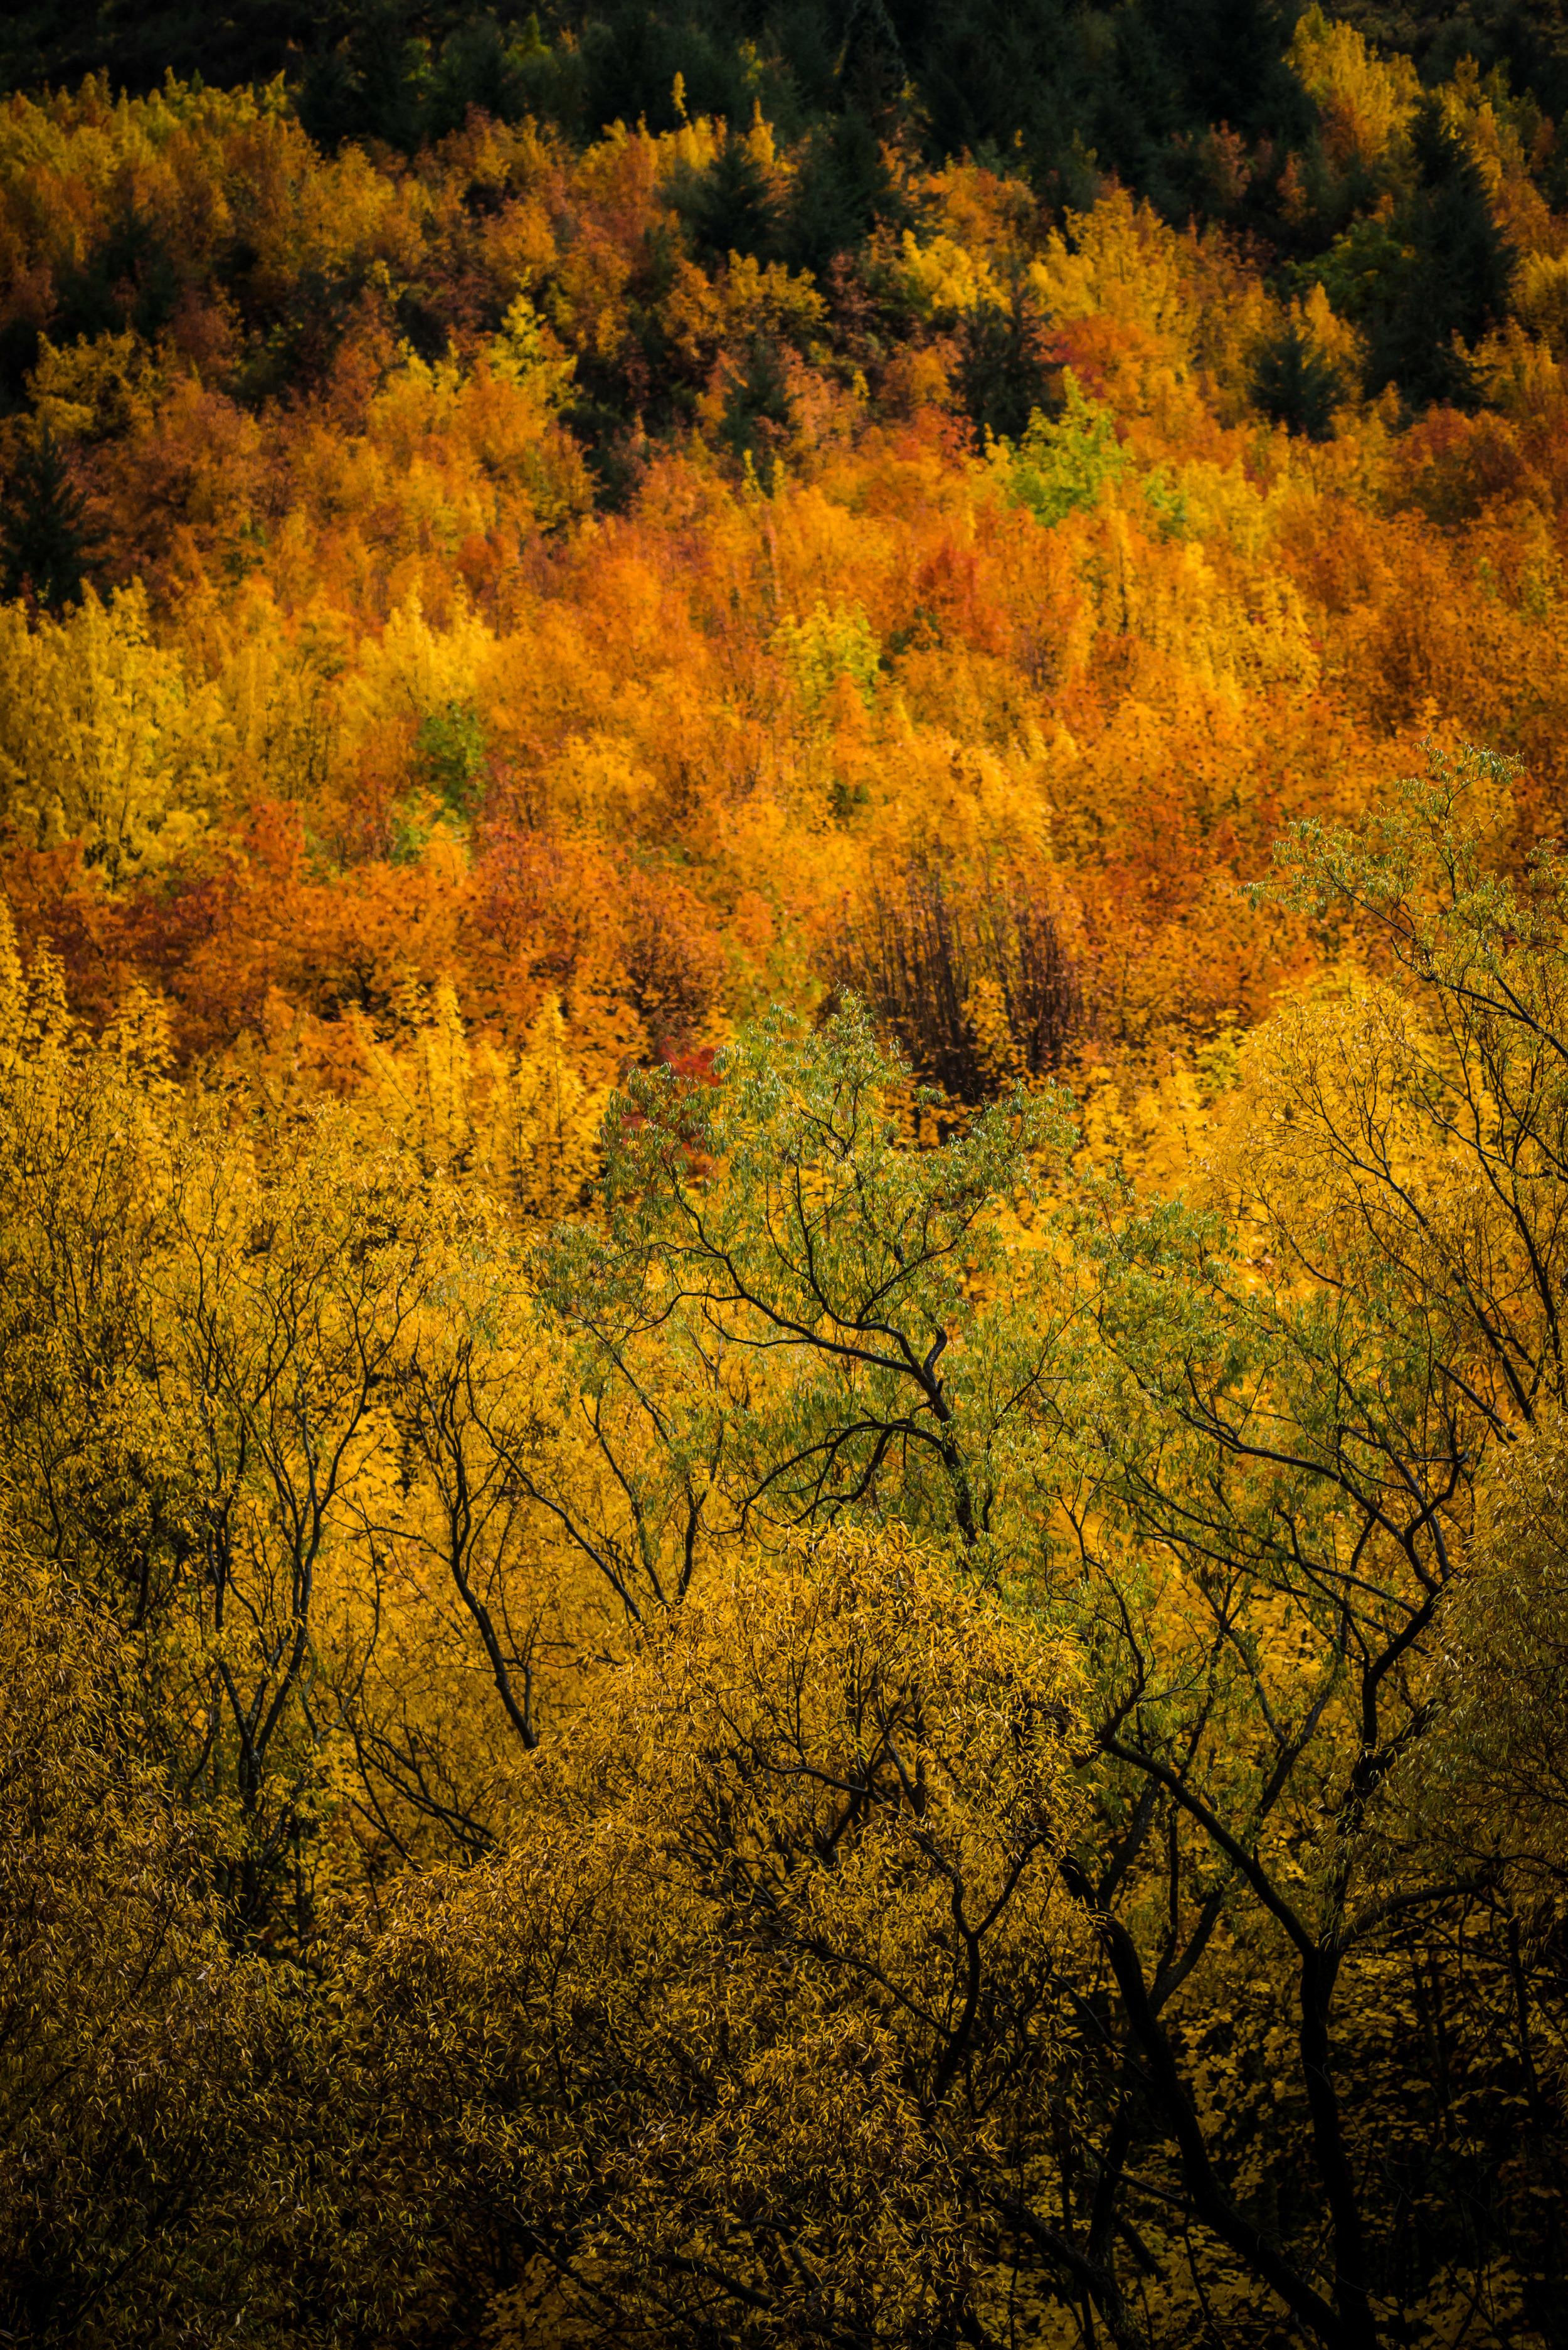 Qtown_Autumn_Leaves_15-7.jpg